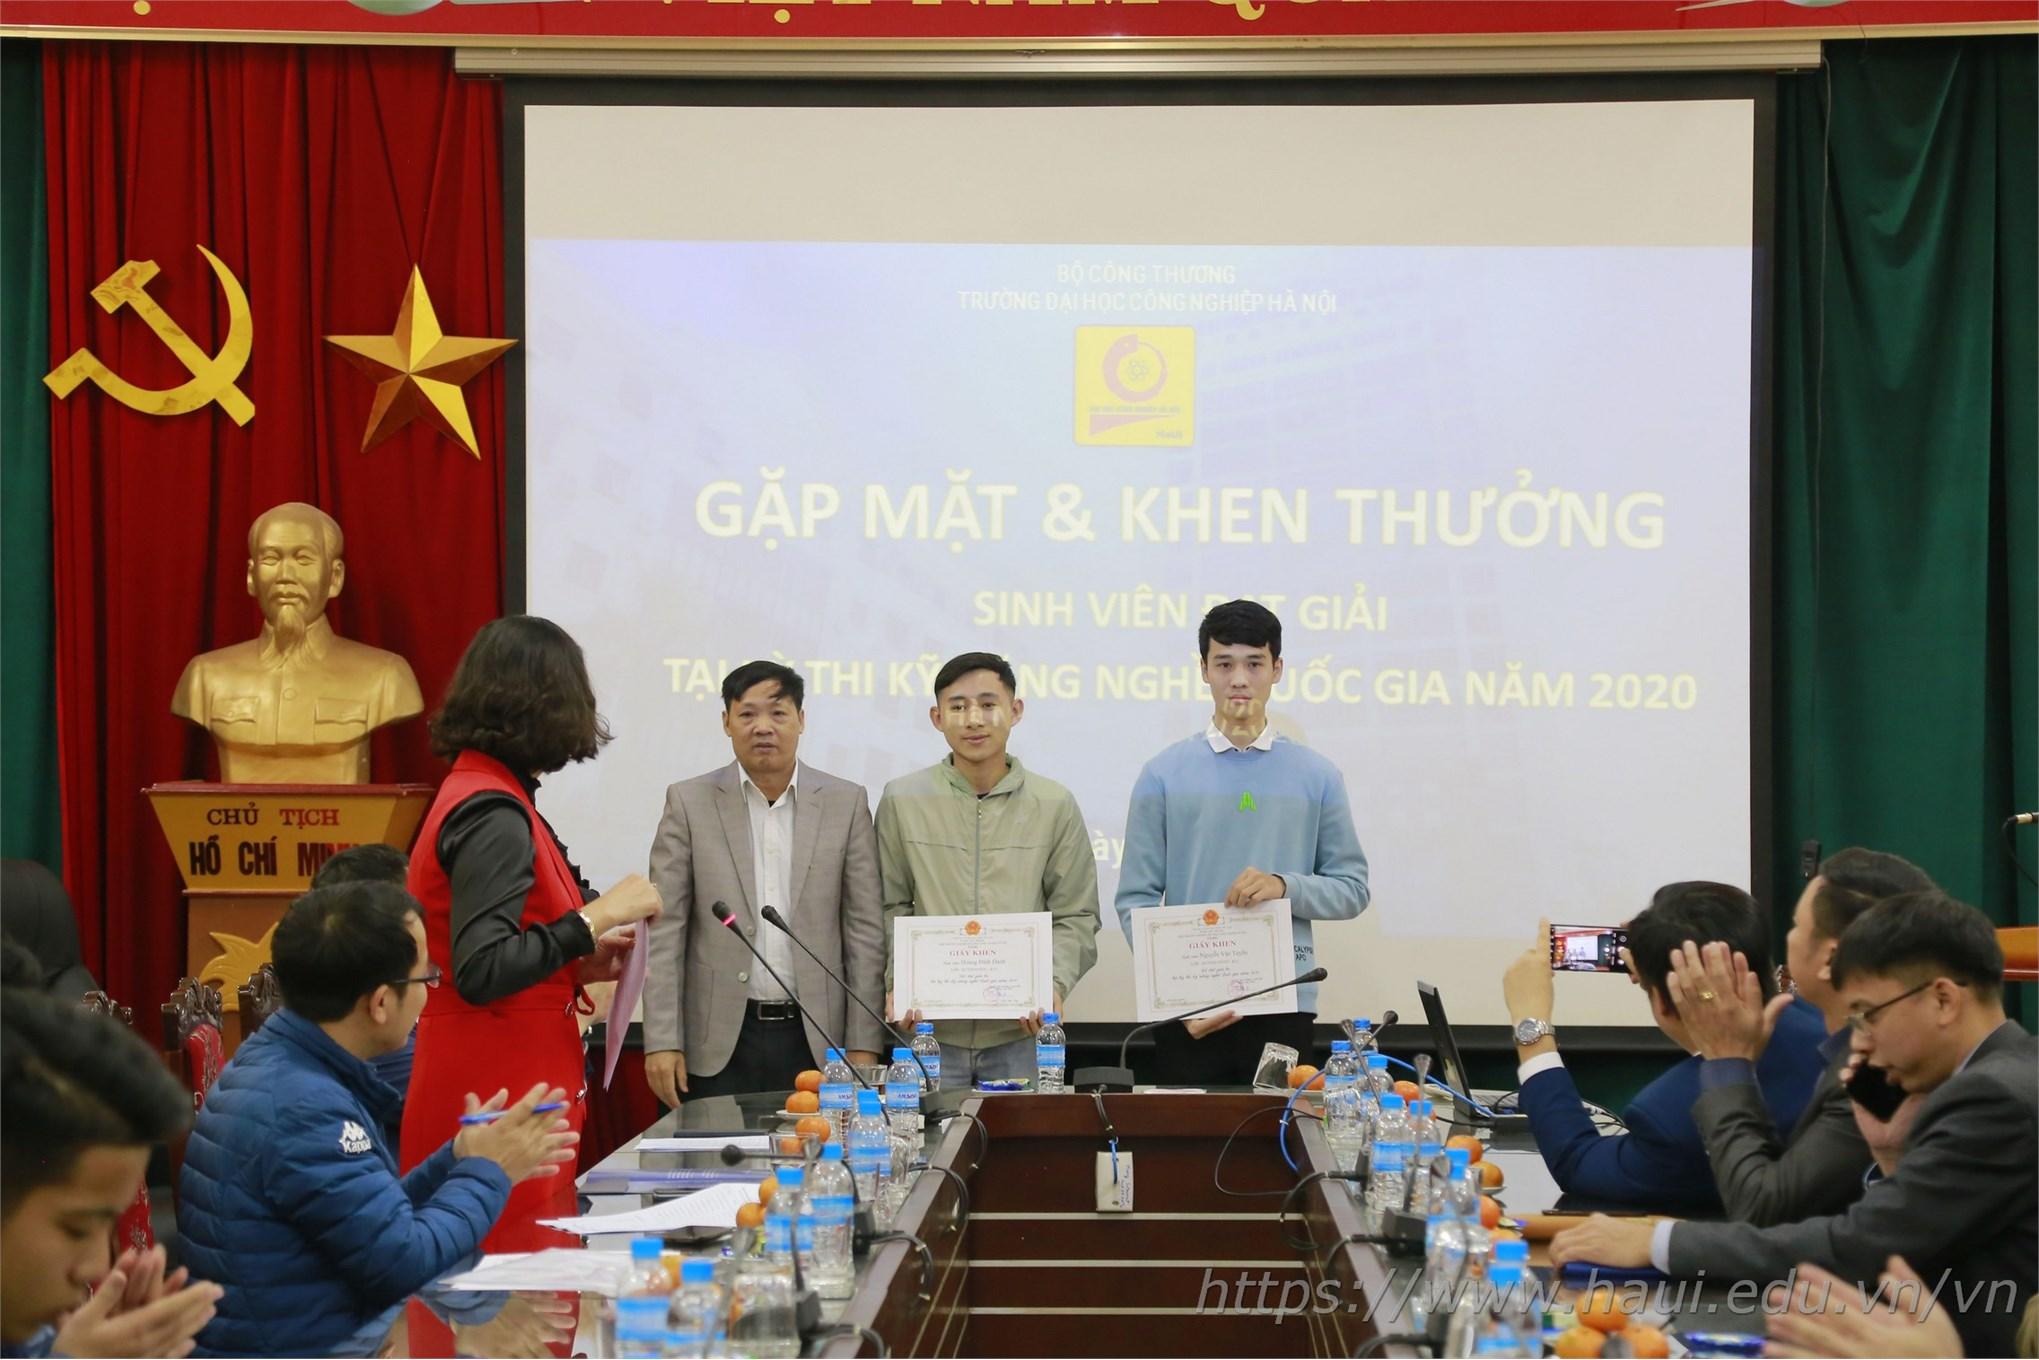 Trao Giấy khen và chúc mừng sinh viên đạt Huy chương Đồng